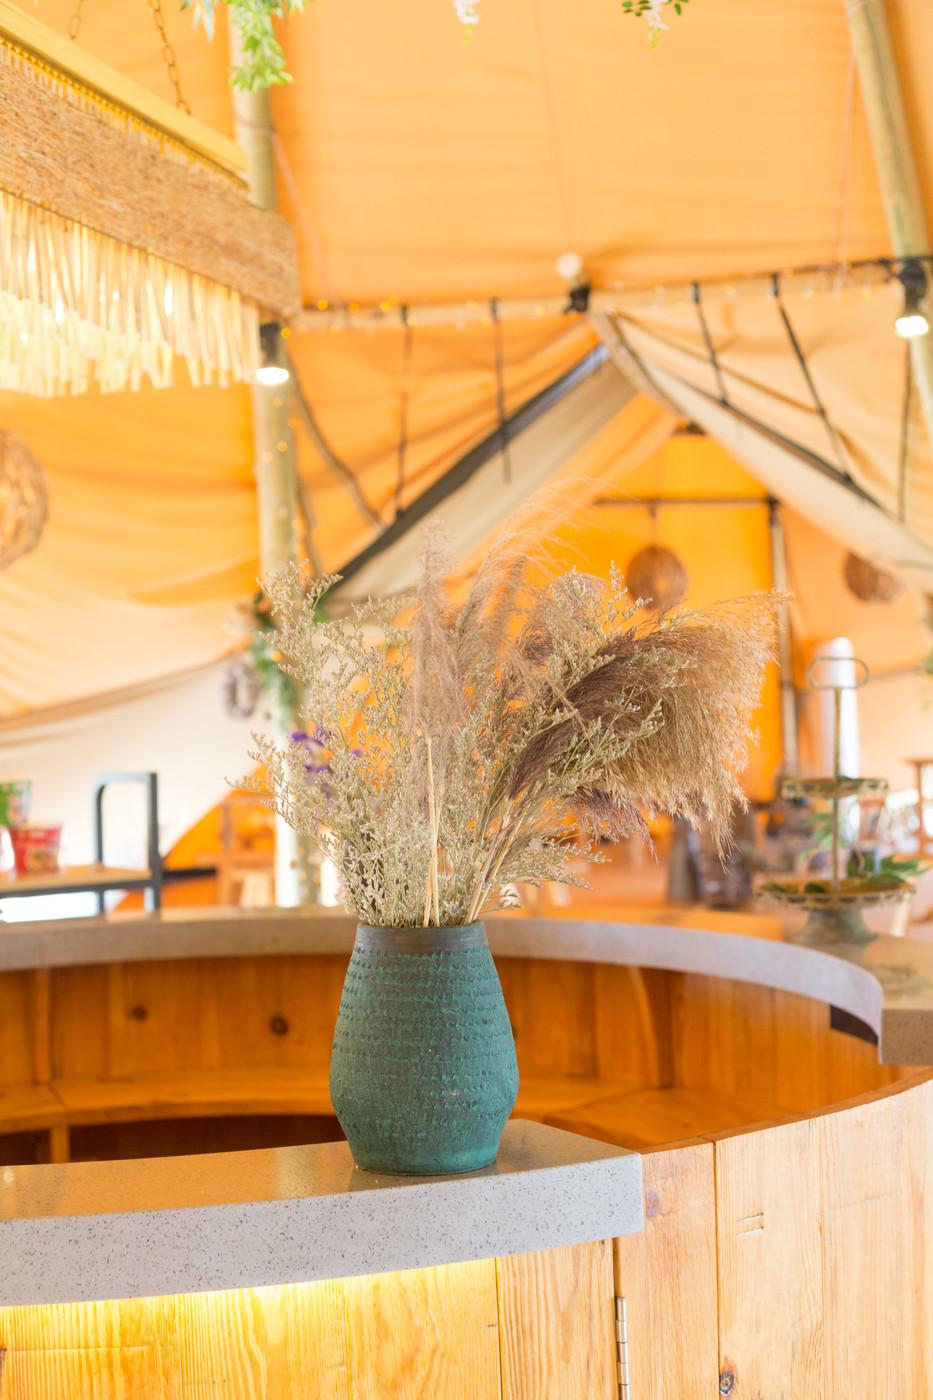 喜马拉雅印第安多功能大厅—淮安白马湖生态旅游度假区34